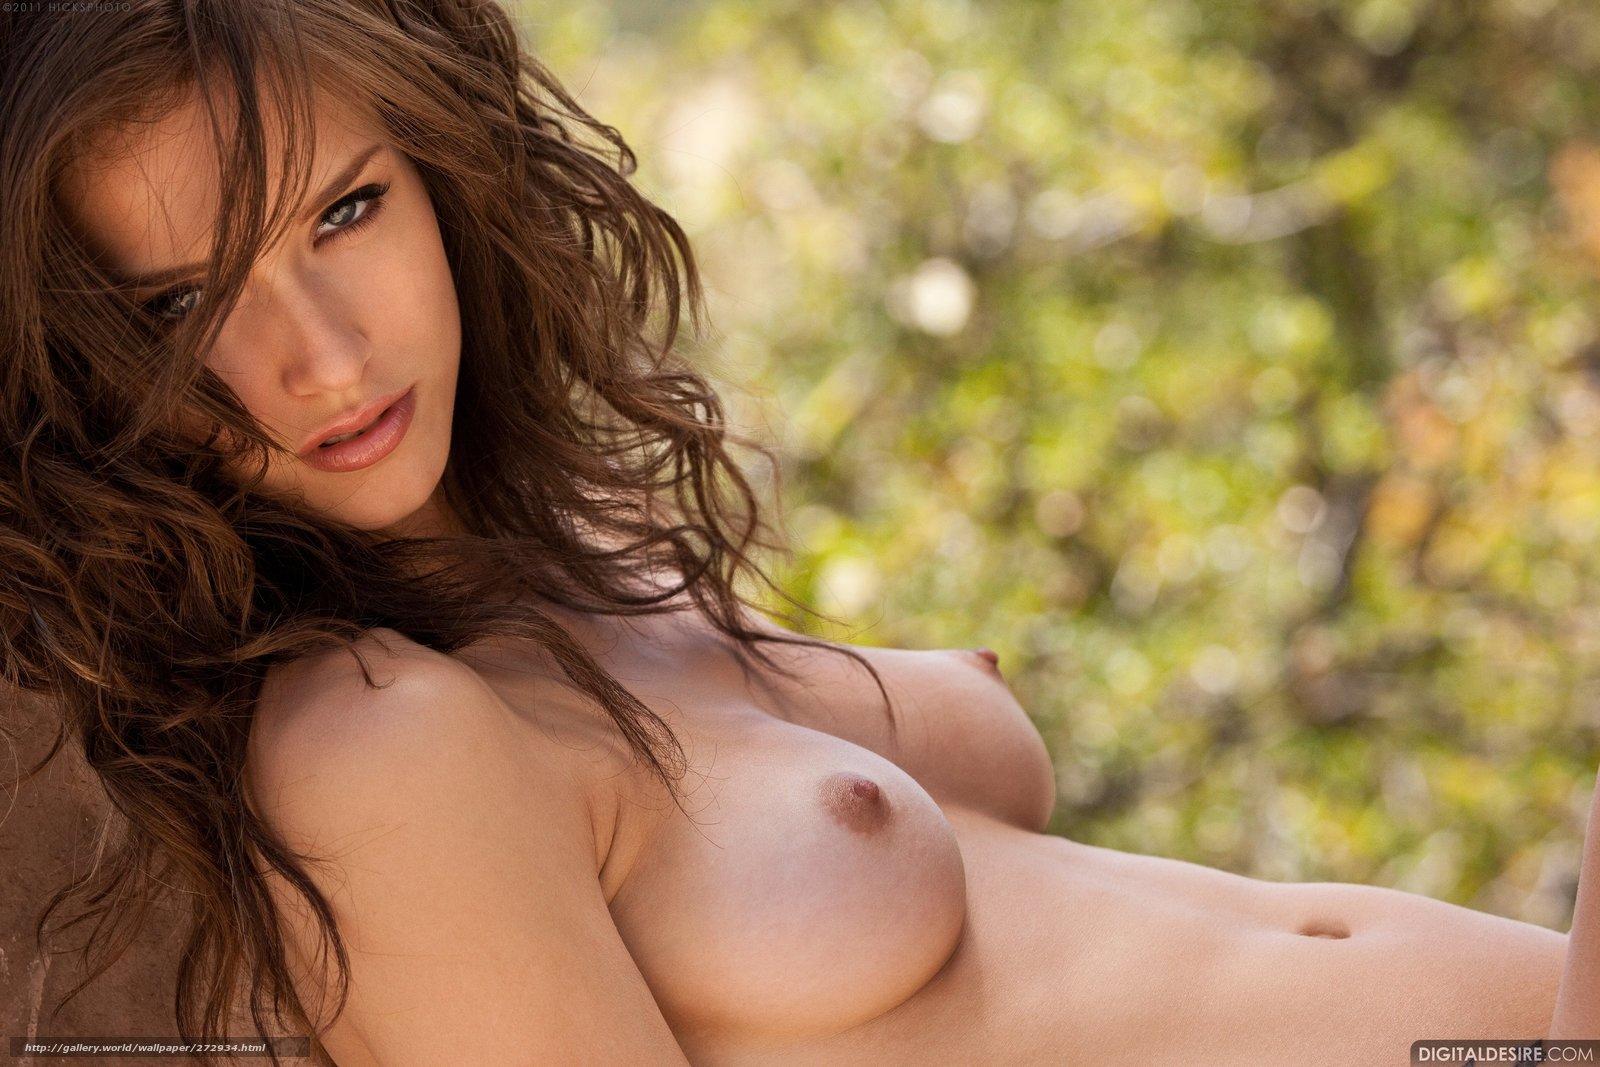 Смотреть секс картинки девушки без лифчиков 2 фотография